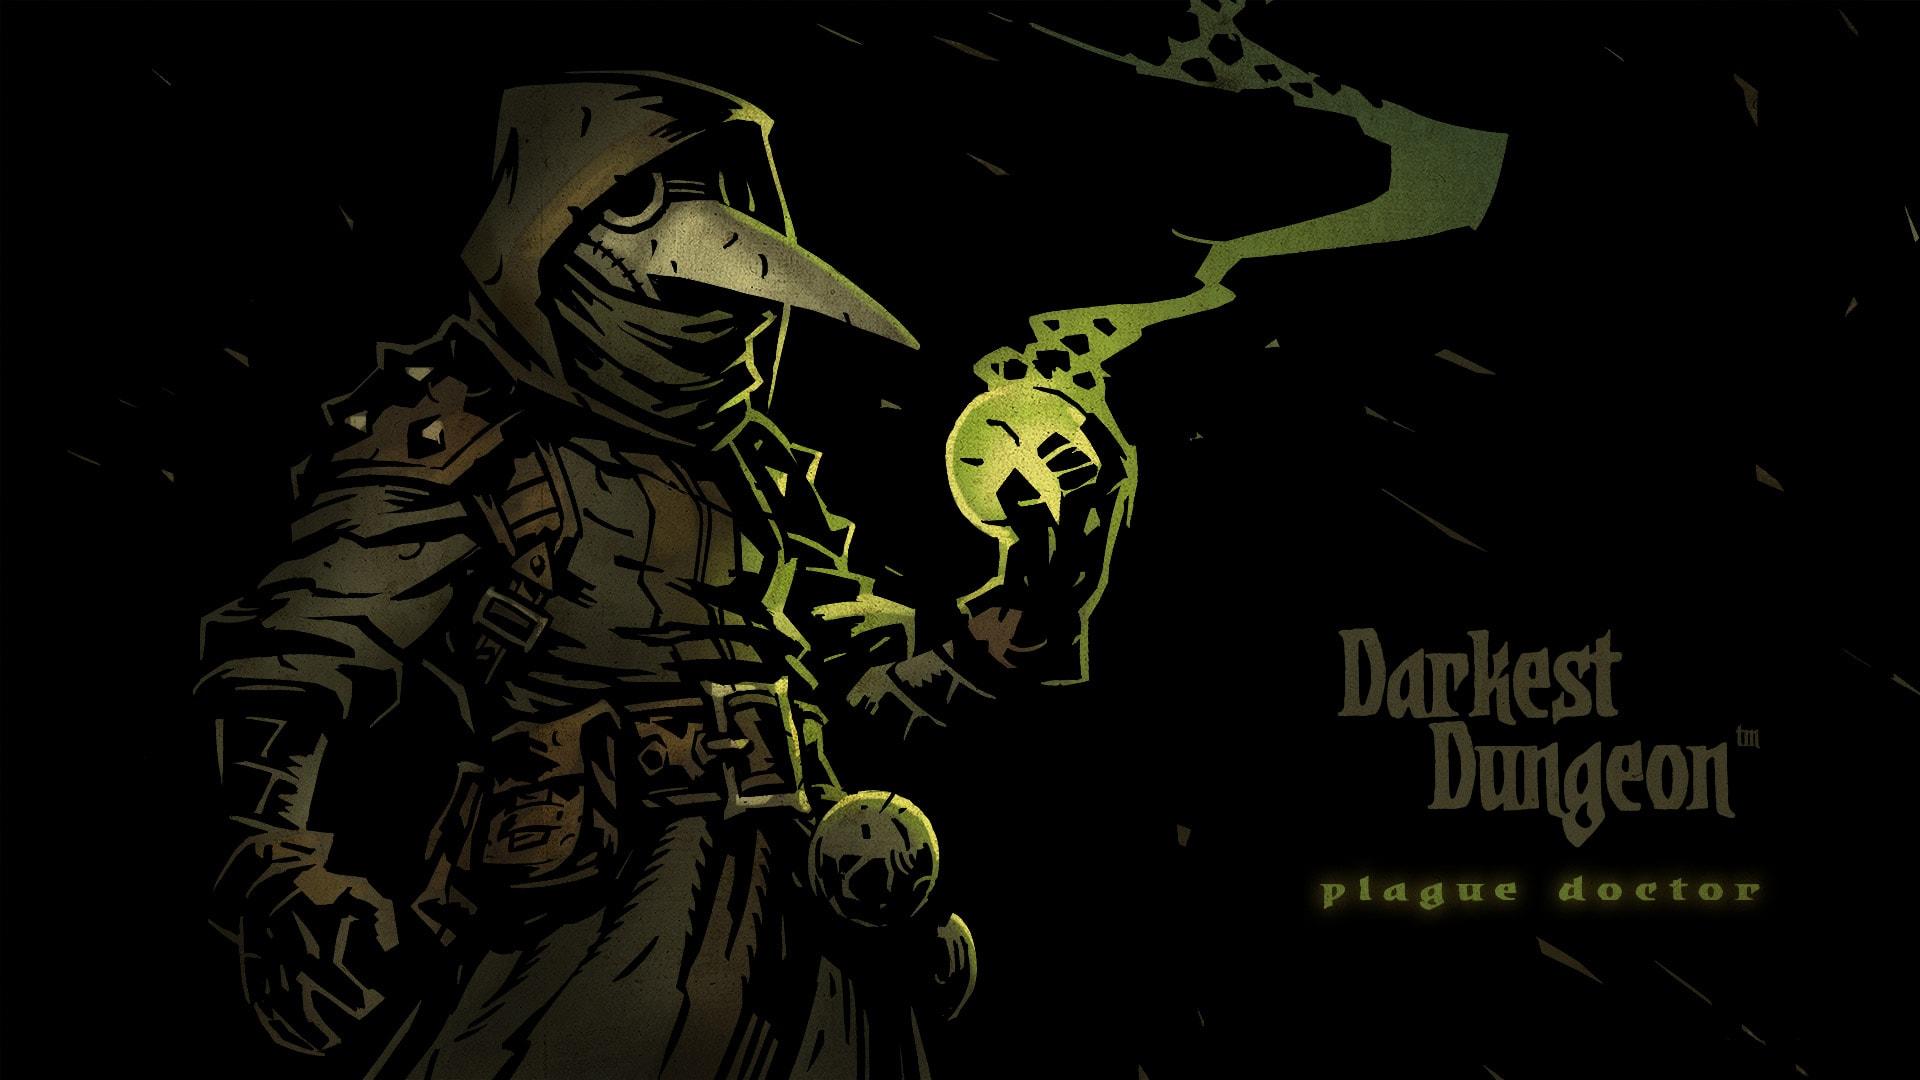 Darkest Dungeon HQ wallpapers